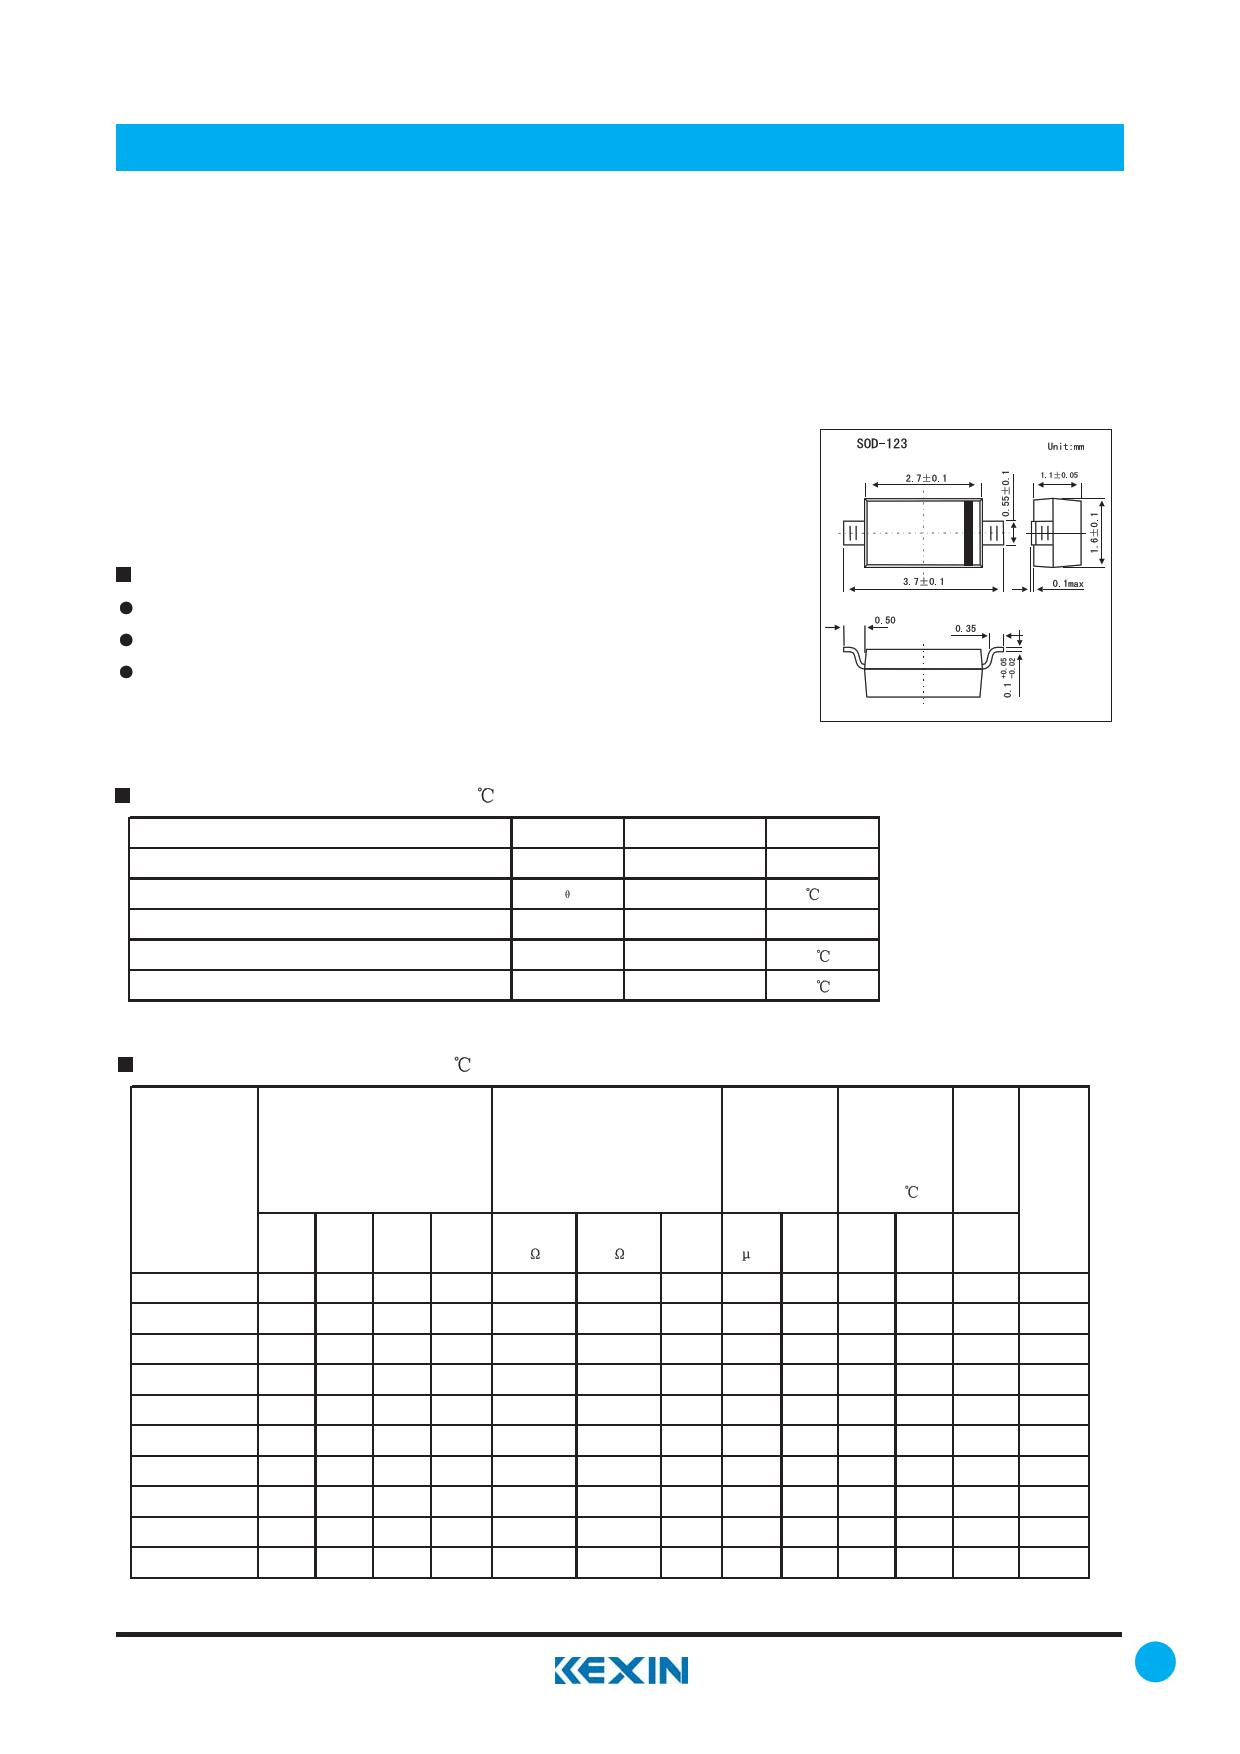 BZT52C10 Datasheet, BZT52C10 PDF,ピン配置, 機能